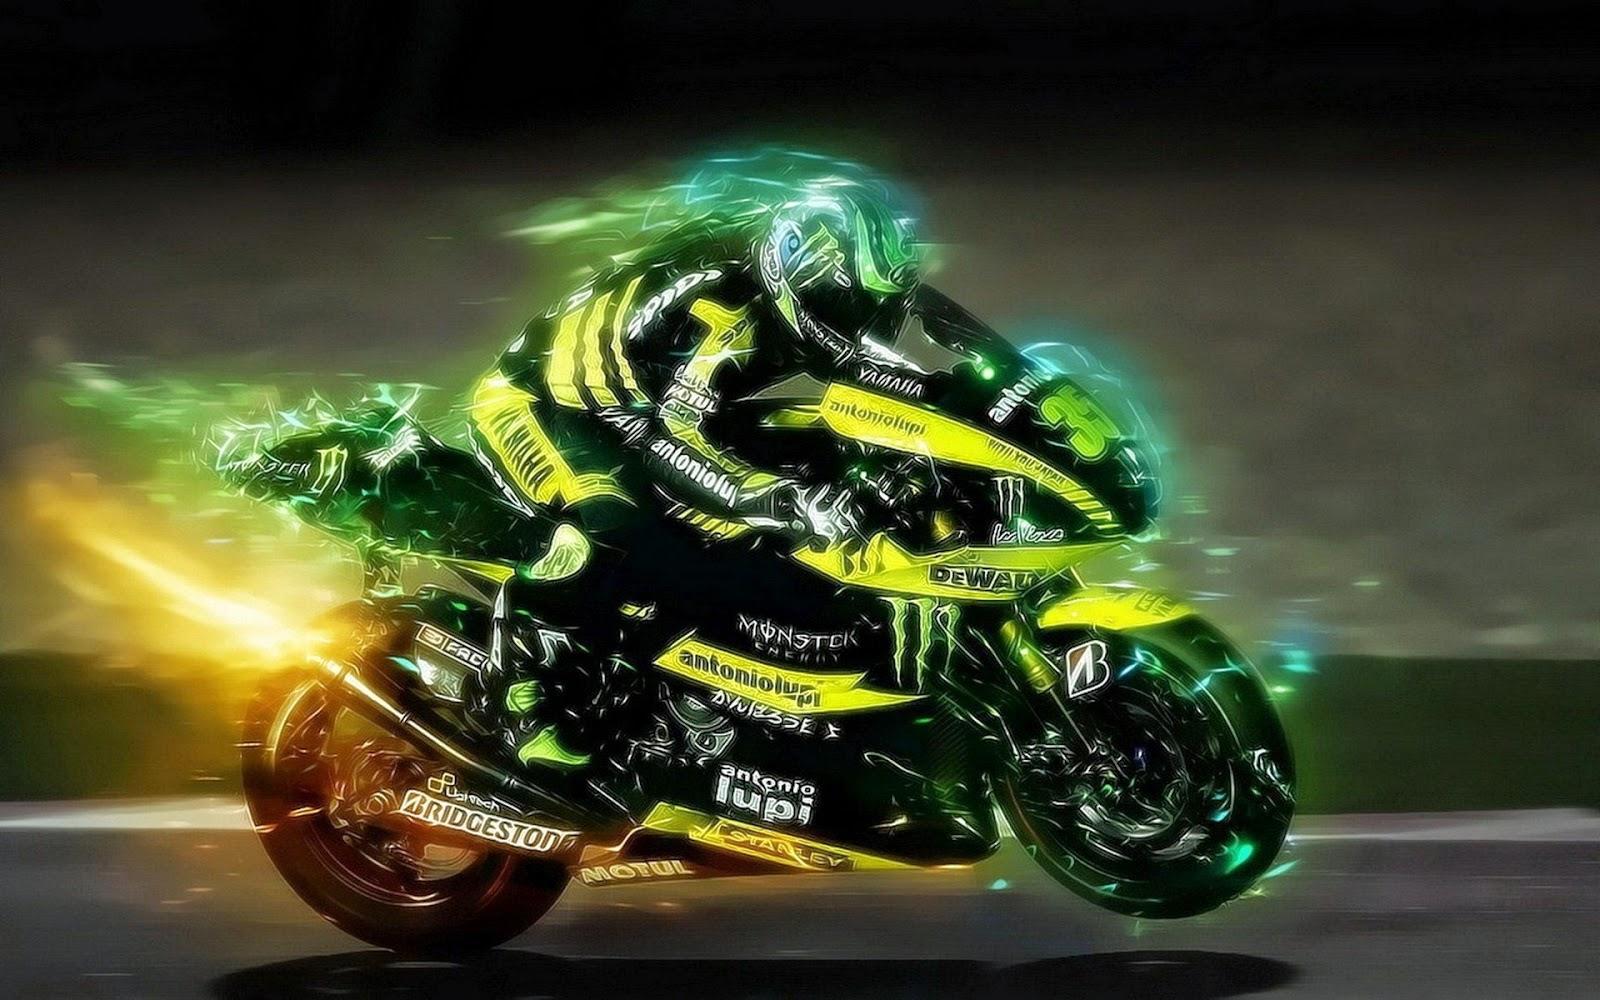 Motorcycle Motogp 2015 Wallpaper Motor 1600x1000